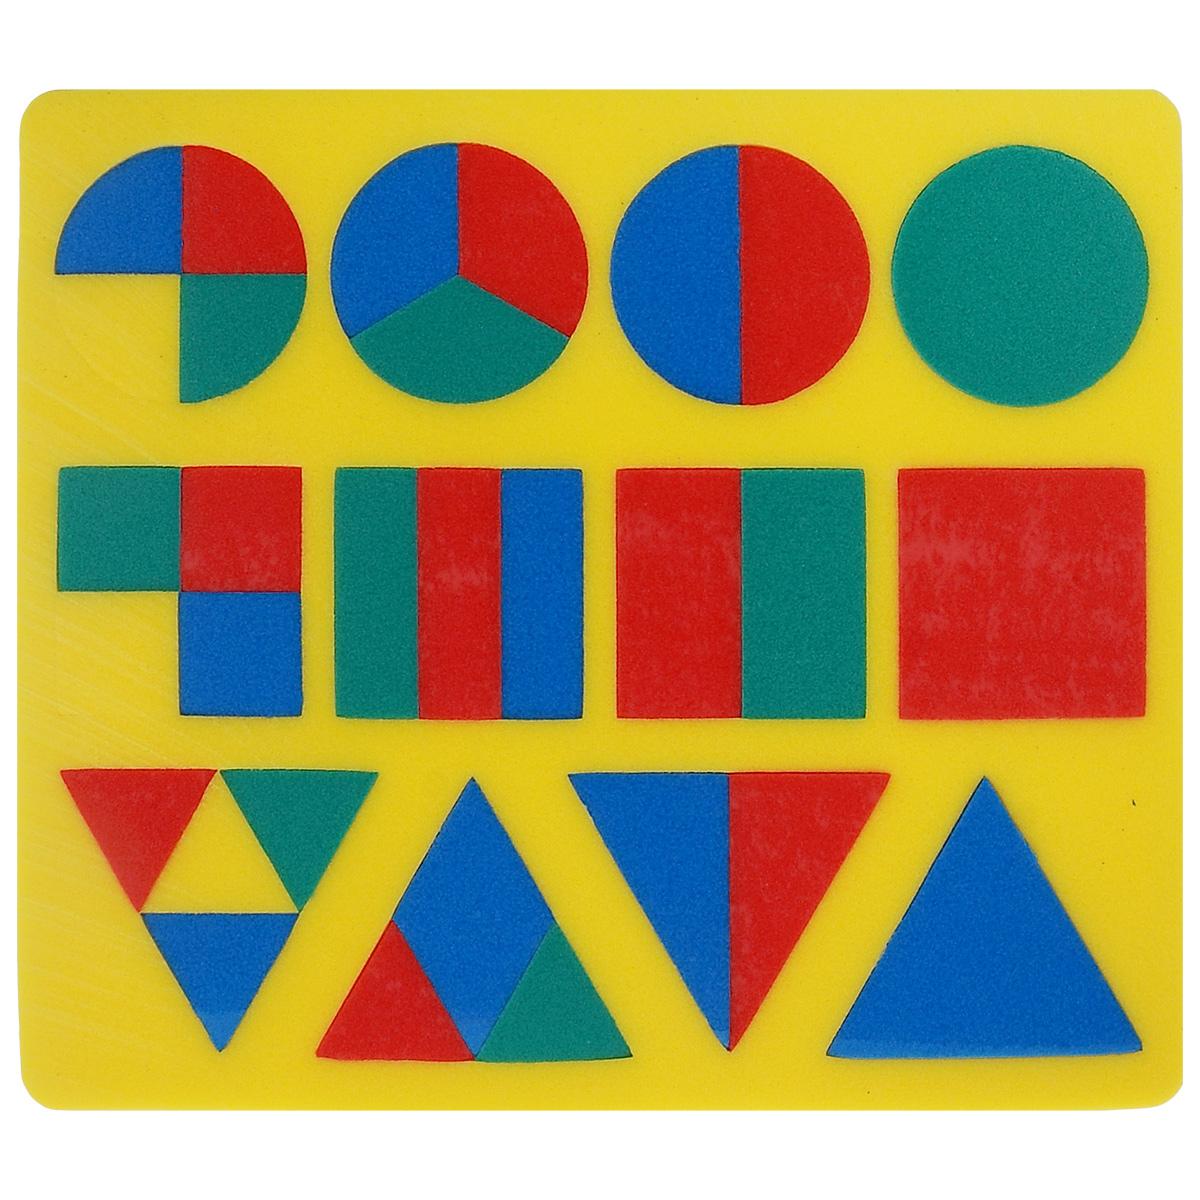 Мягкая мозаика Геометрия, цвет основы: желтый45319_желтыйМягкая мозаика Геометрия станет для вашего малыша приятным сюрпризом. С ее помощью ребенок в увлекательной форме познакомится с основными геометрическими фигурами, научится различать их по внешним признакам. Изготовленная из современного, легкого, эластичного, прочного материала, который обеспечивает большую долговечность, мозаика является абсолютно безопасной для детей. Мозаика настолько универсальна и практична, что с ней можно играть практически везде. Кроме того, благодаря особой структуре материала и свойству прилипать к мокрой поверхности, она является идеальной игрушкой для ванны и сделает процесс купания приятной забавой для ребенка. Данная мозаика способствует развитию у ребенка мелкой моторики, образного и логического мышления, а также наблюдательности и фантазии.